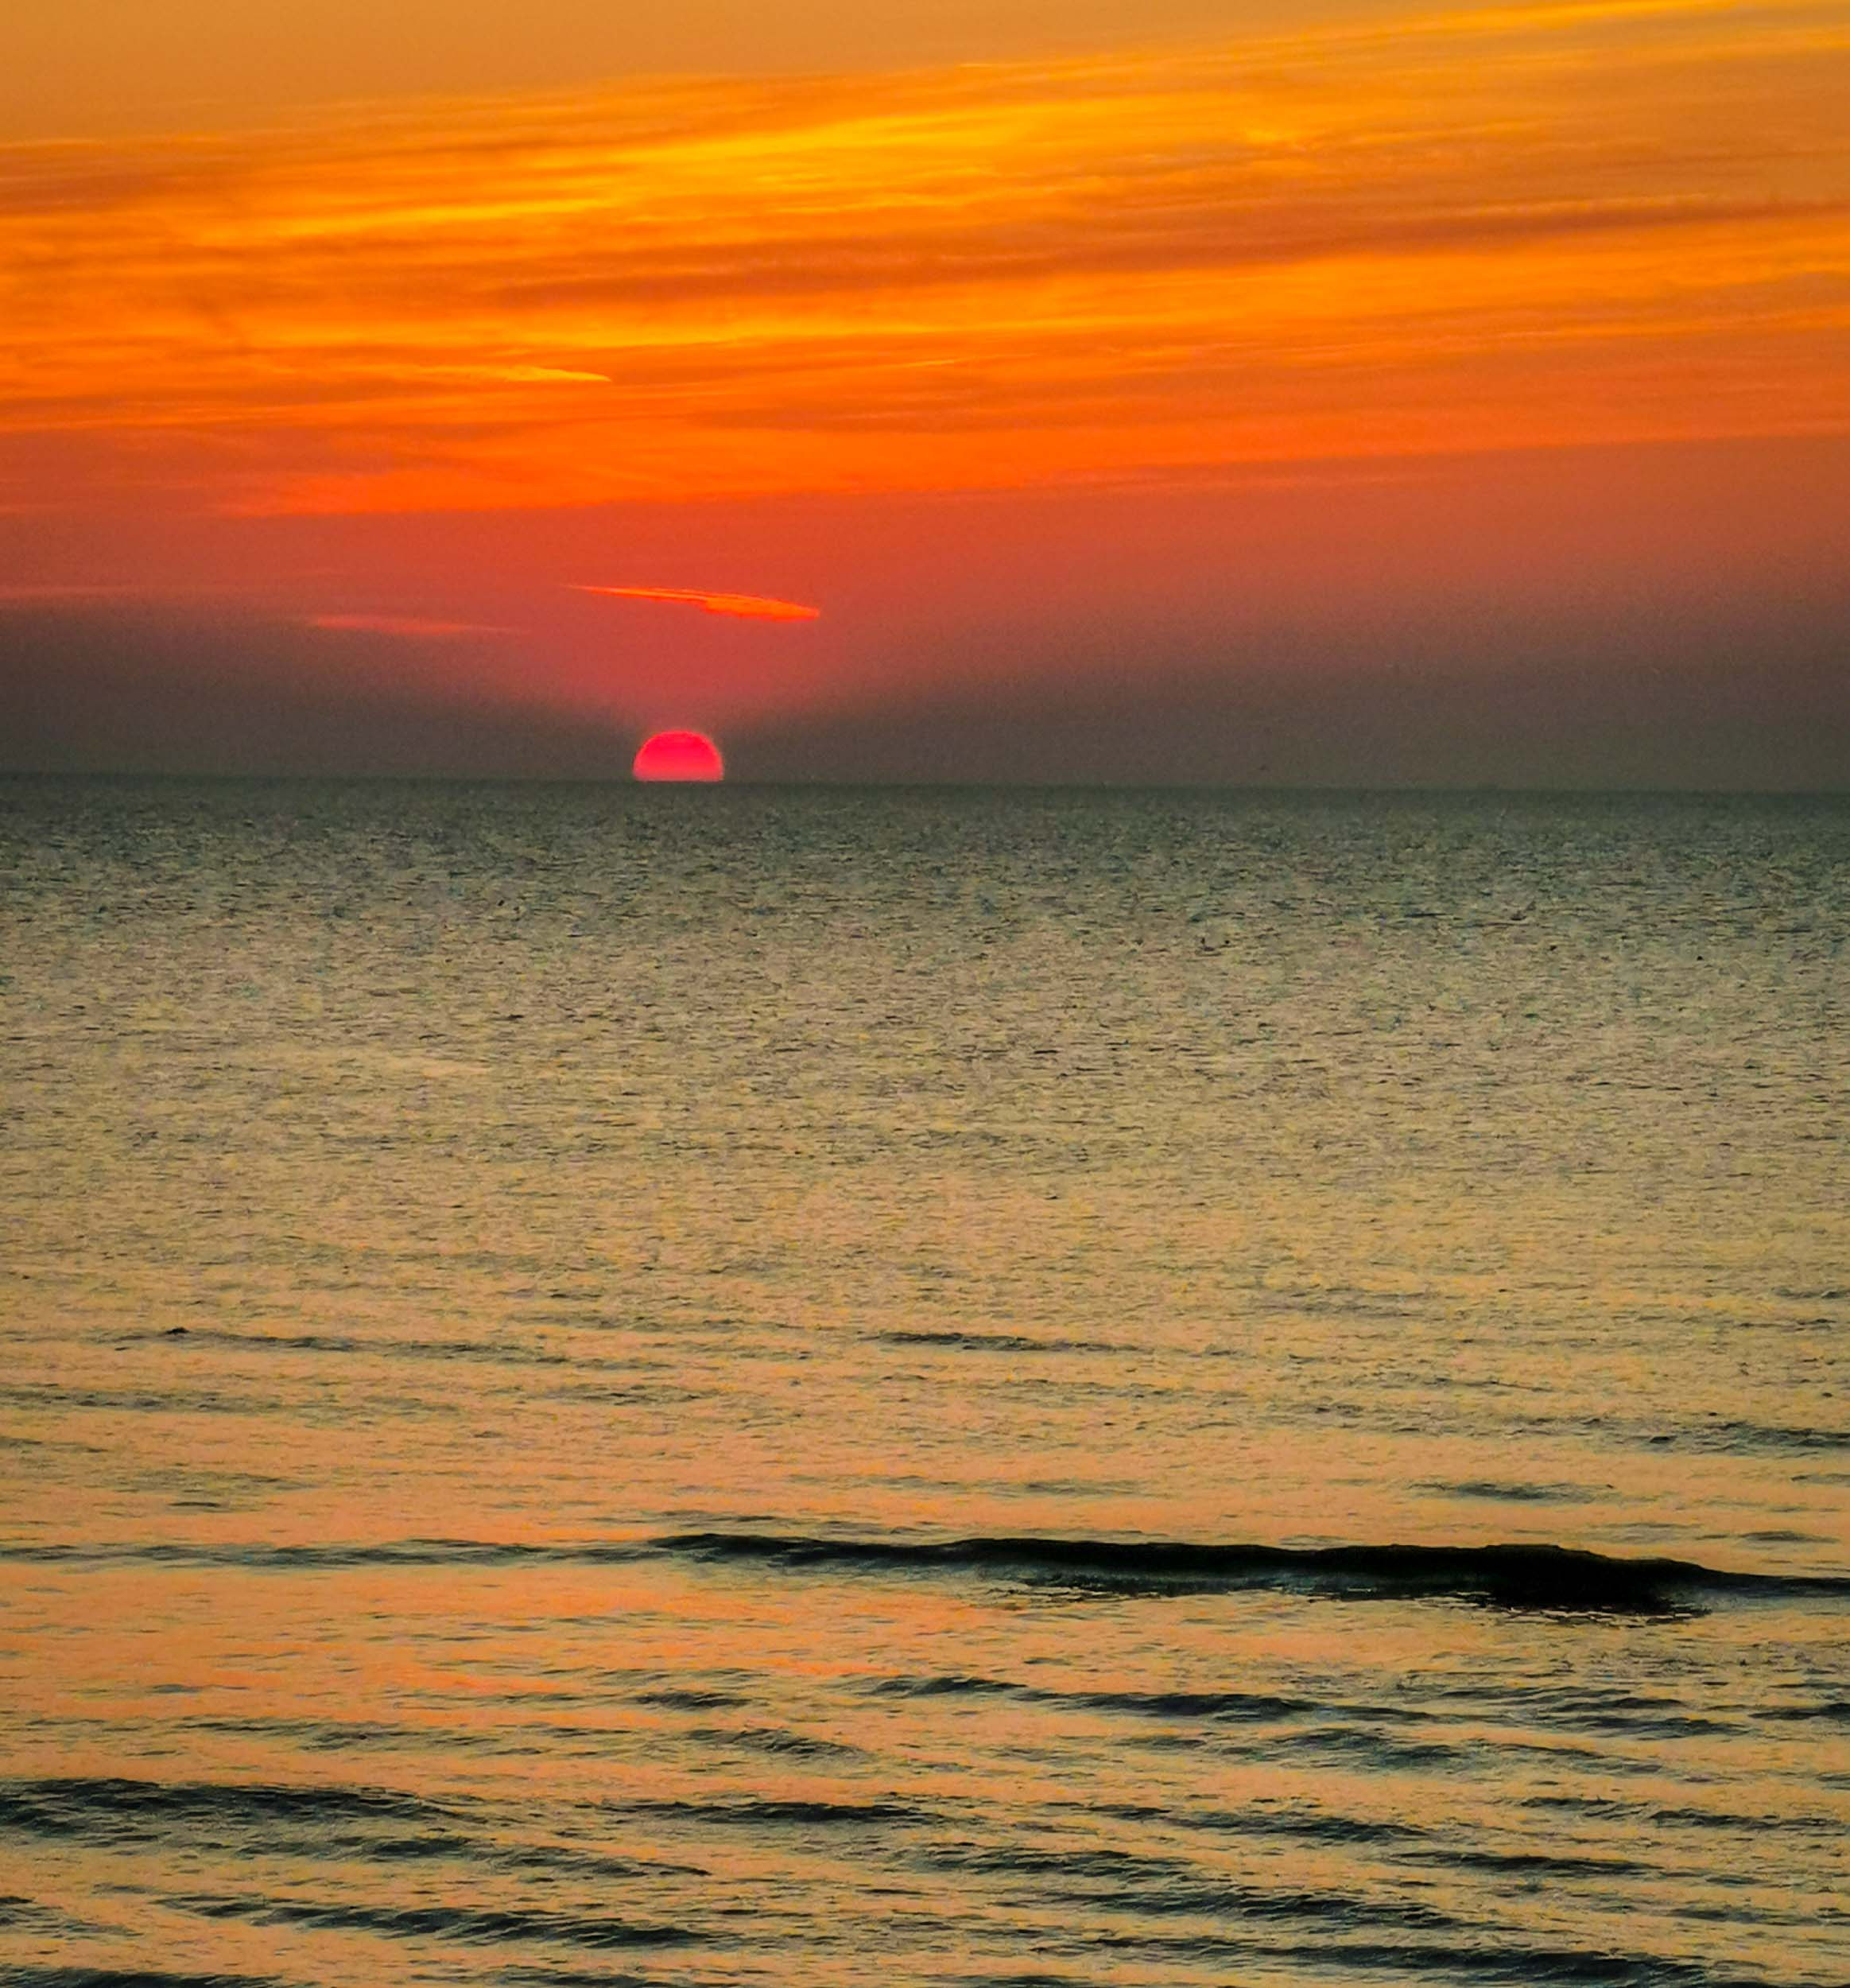 Wir haben hier echte Sonnenuntergänge in Nordholland